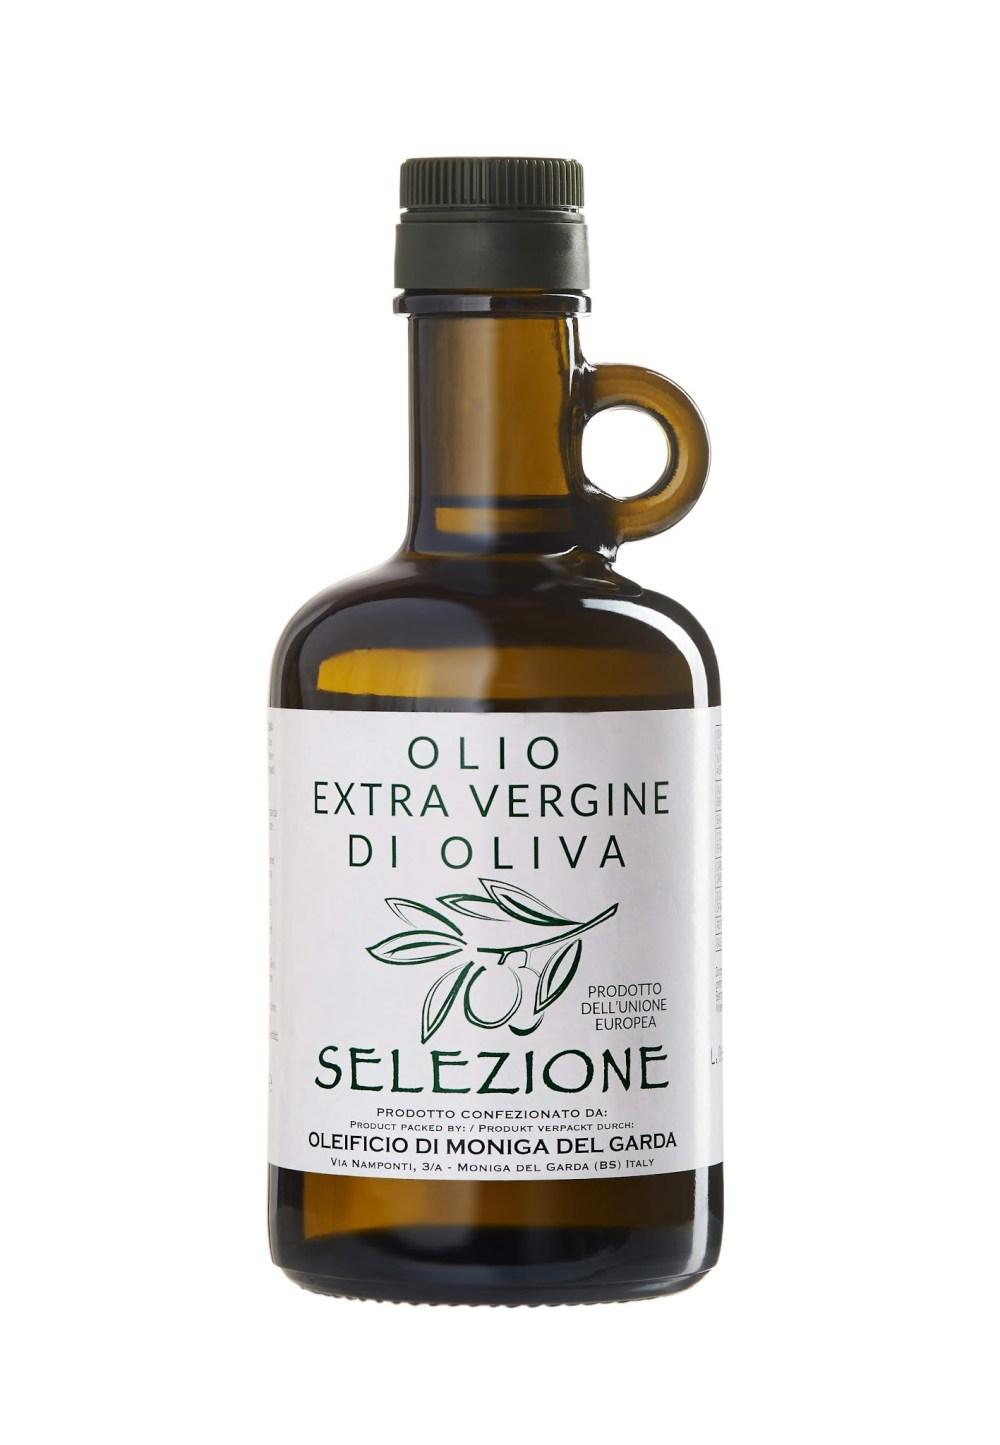 Оливкова олія00823.jpg